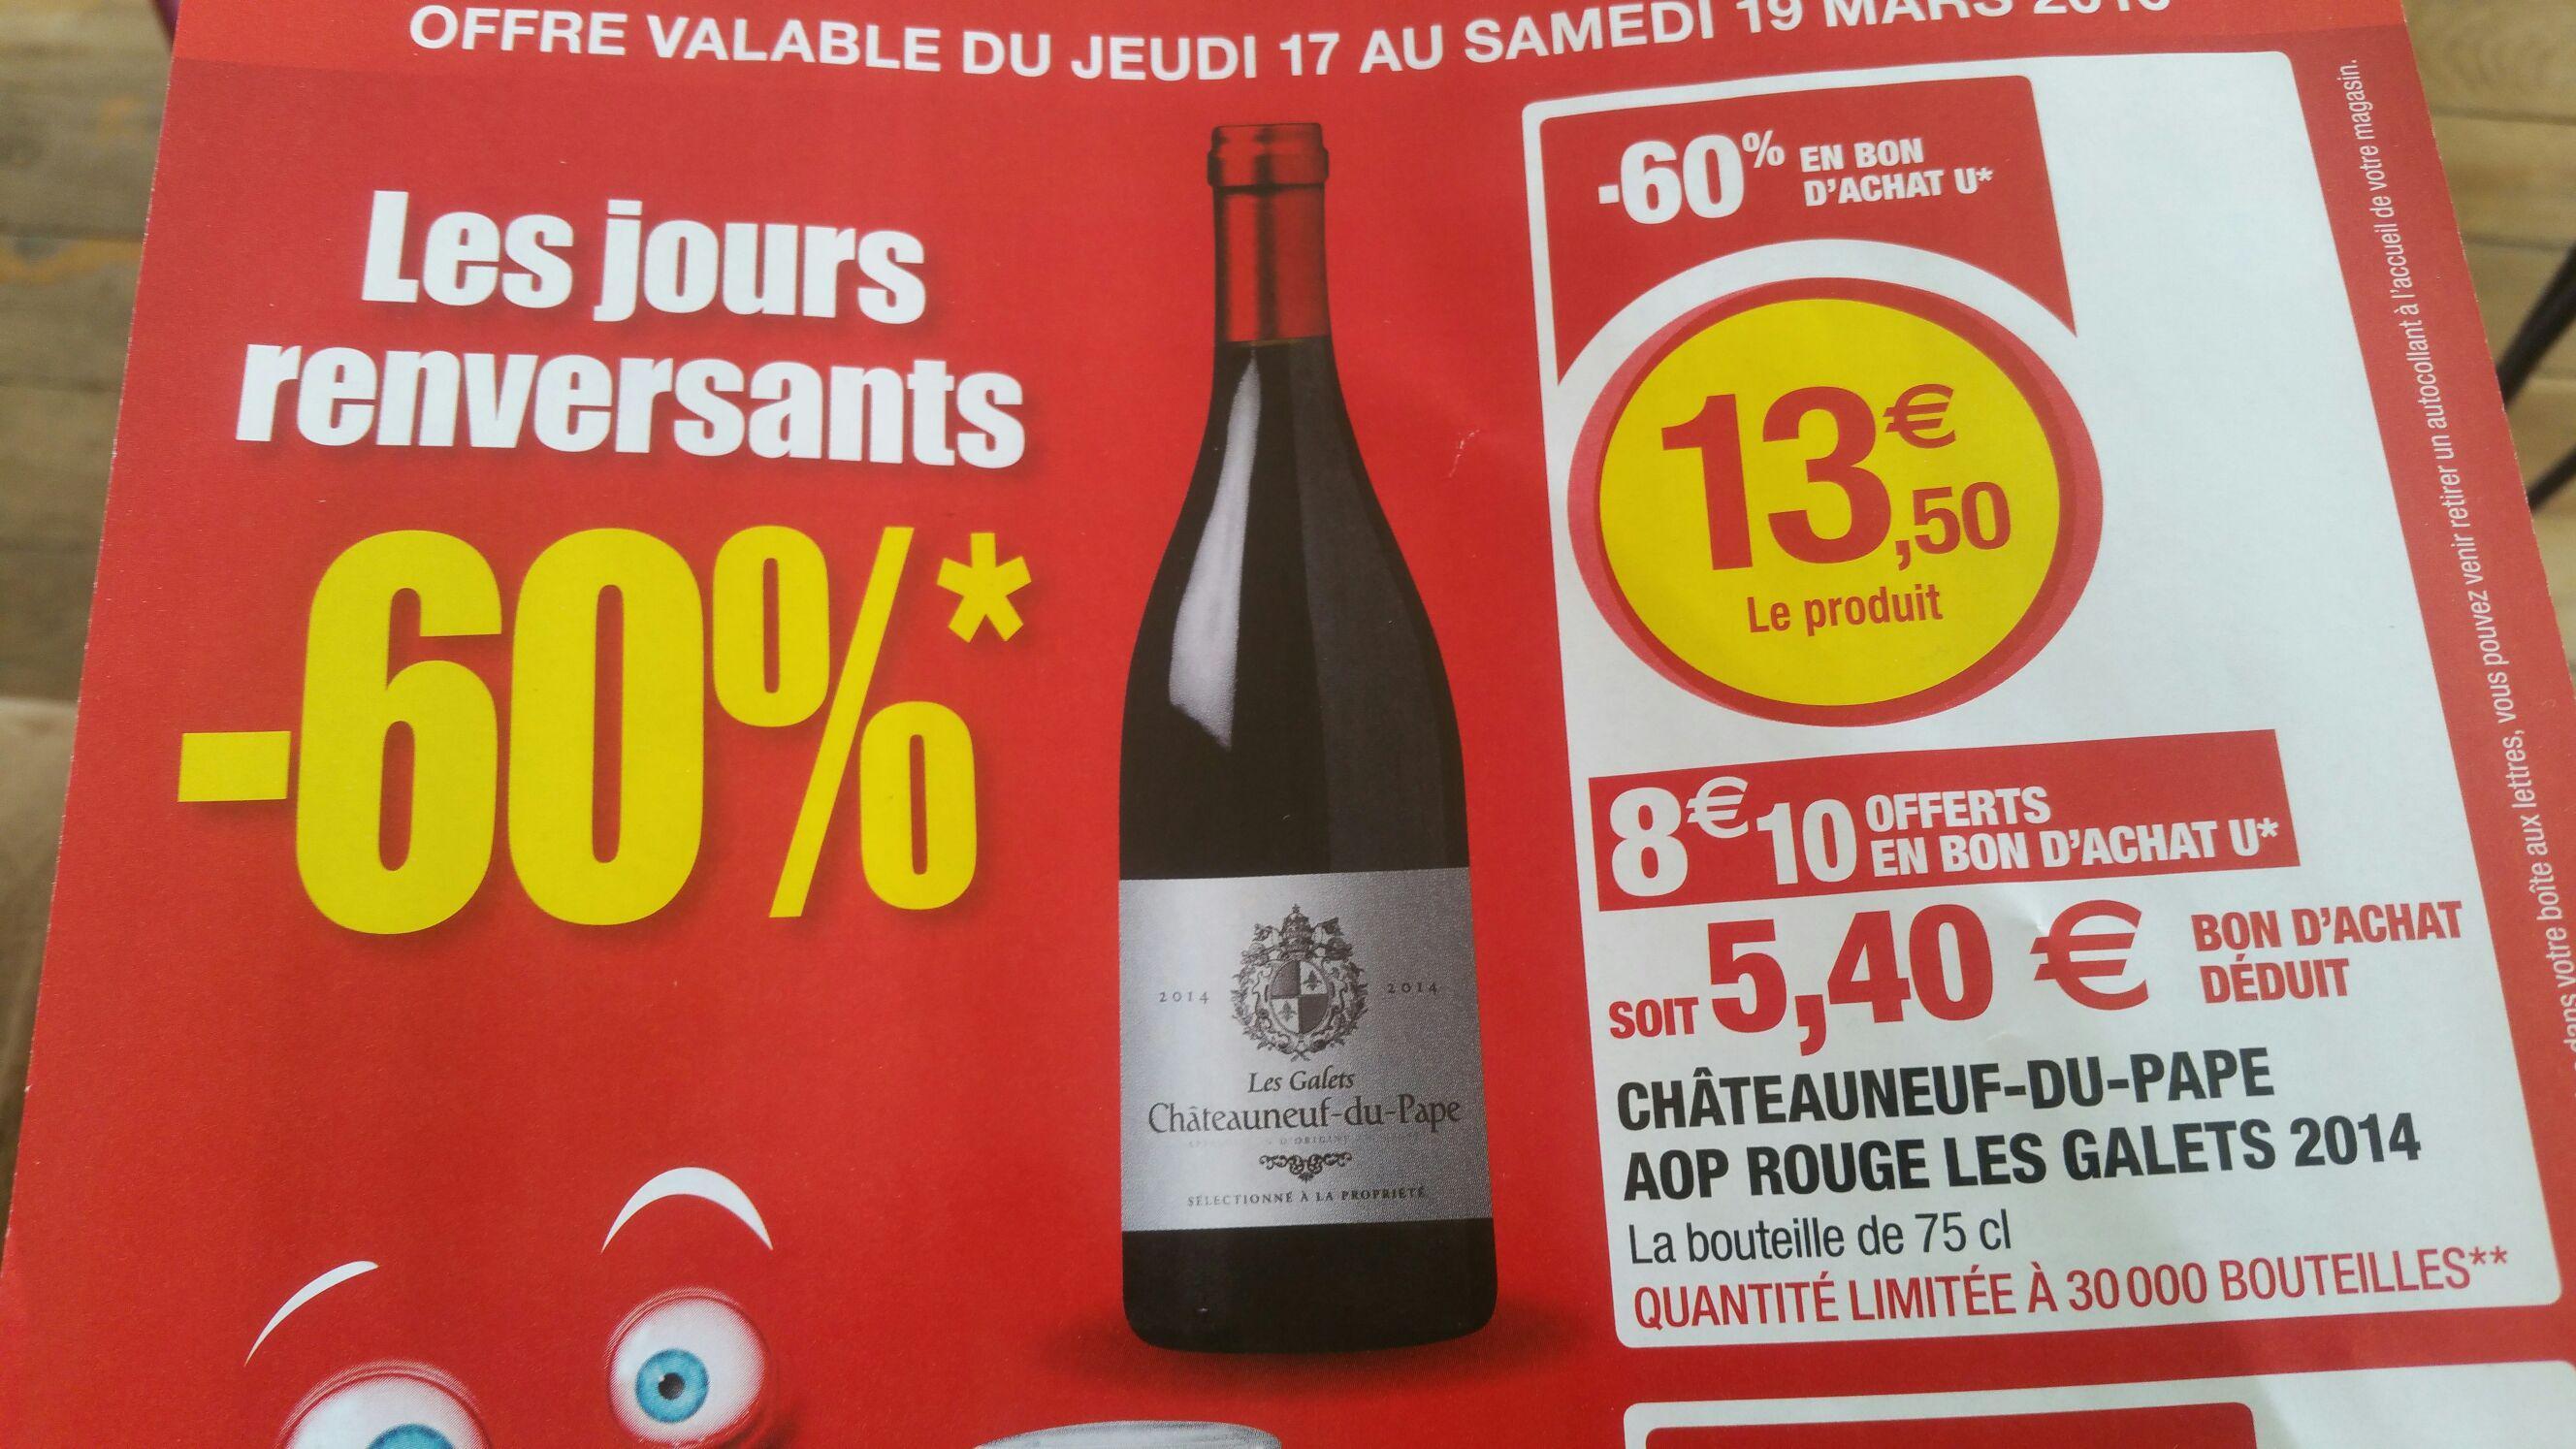 Bouteille de vin rouge Châteauneuf du pape AOP Les galets 2014 - 75cl (via 8.10€ en bon d'achat)